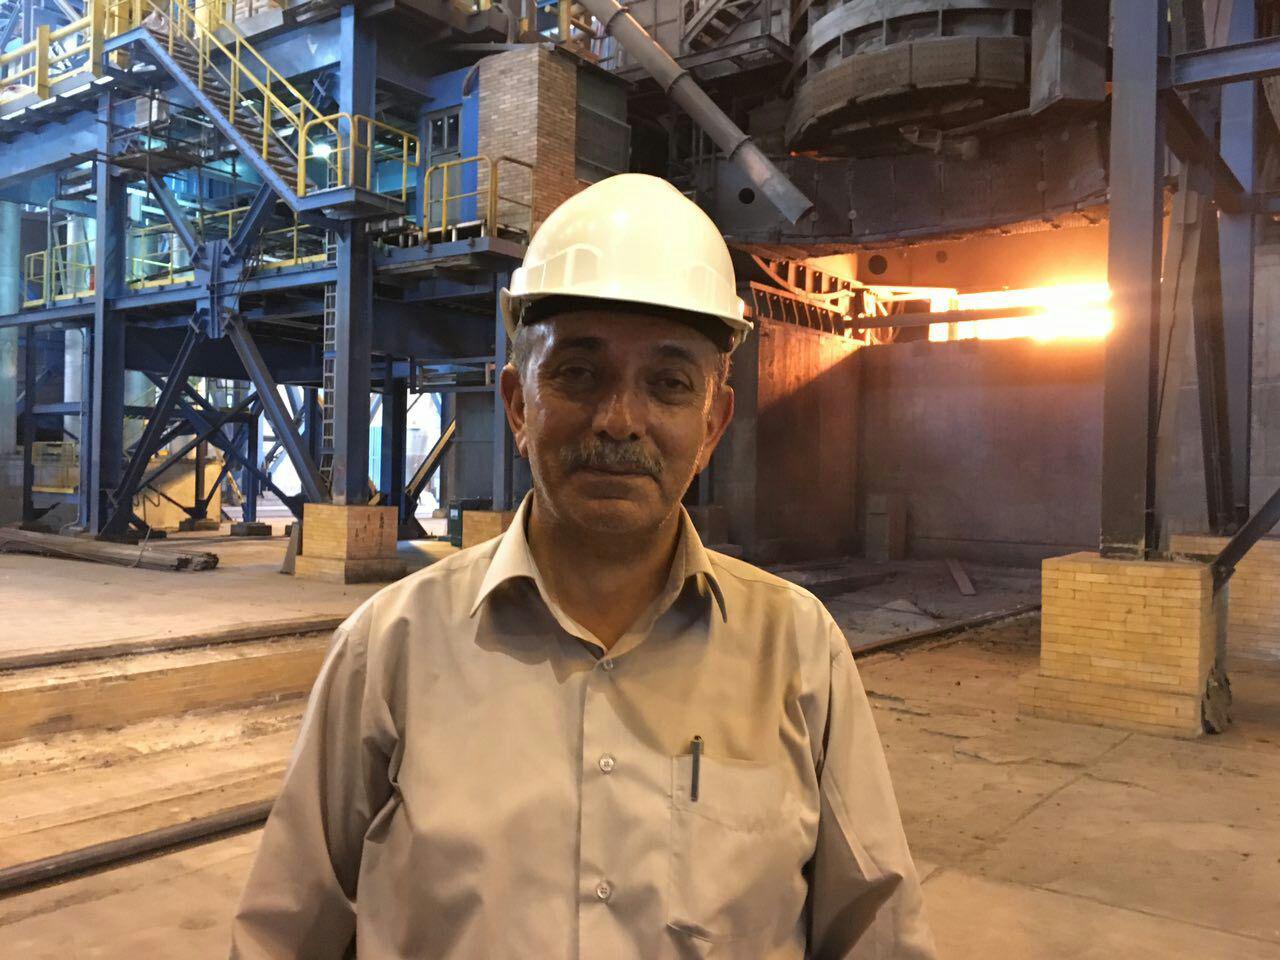 بازار فولاد در کوتاه مدت رو به رشد است/ گل گهر به دنبال کاهش قیمت تمام شده محصولات است